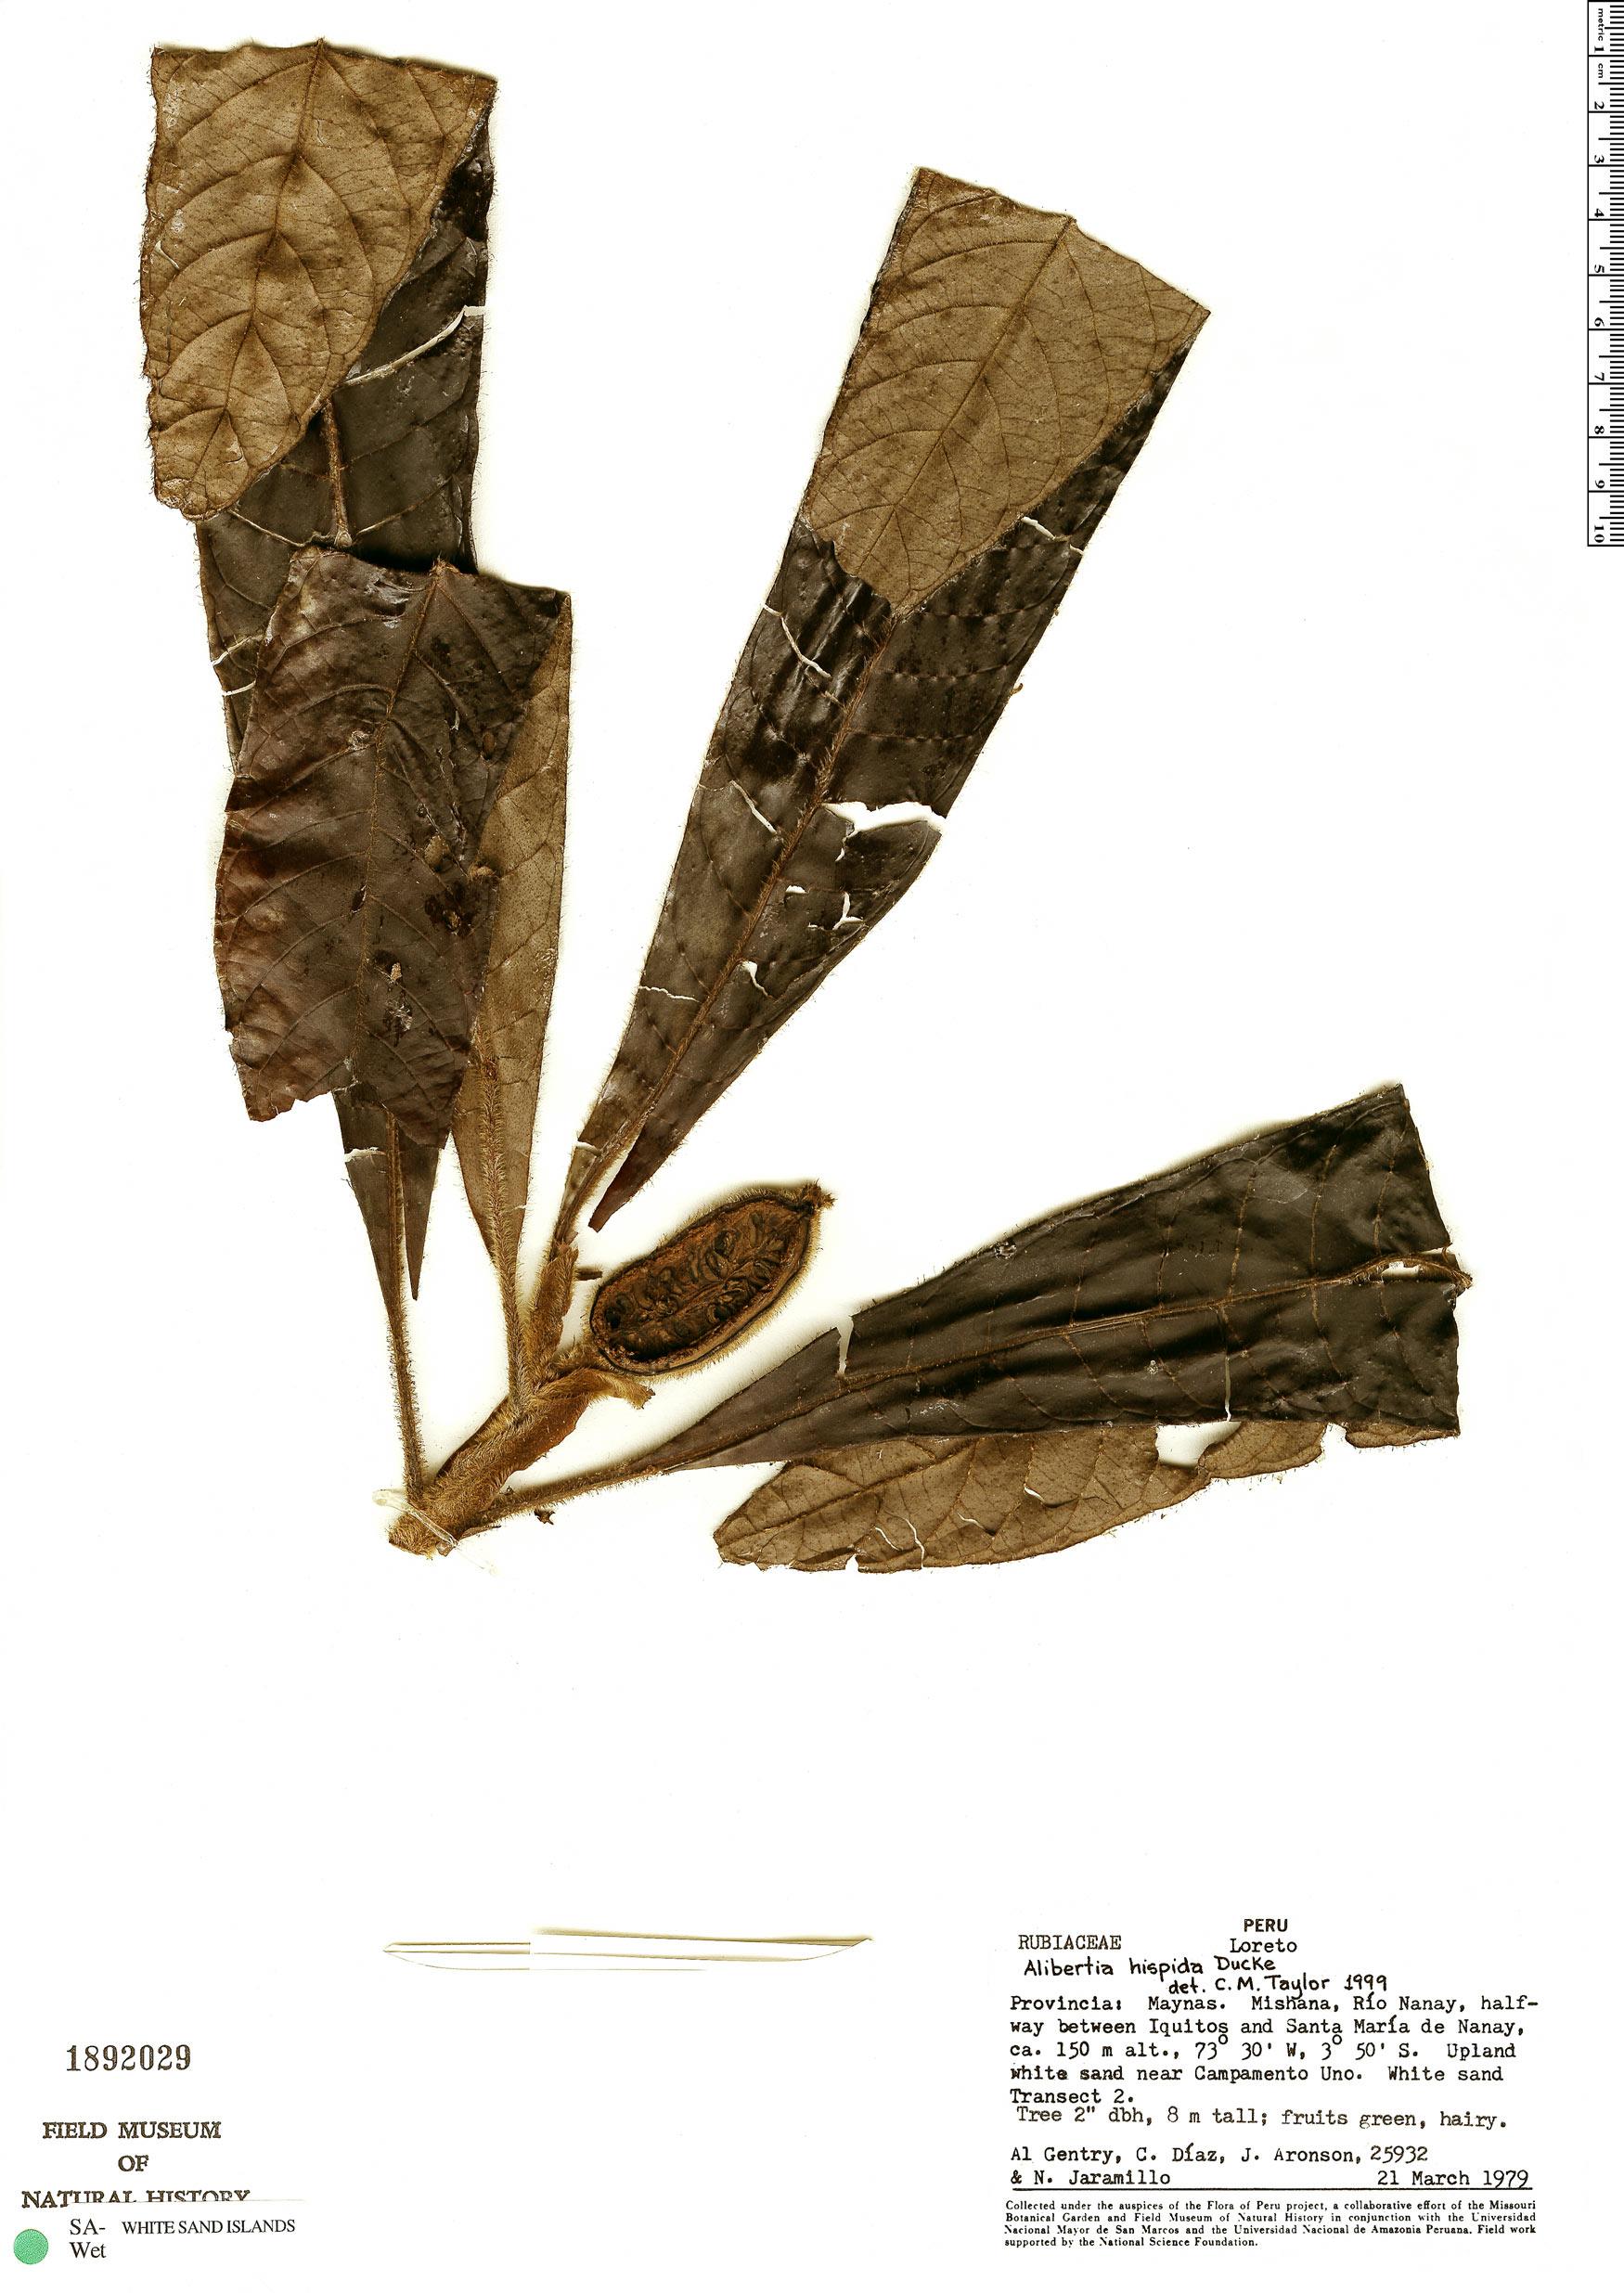 Specimen: Kutchubaea oocarpa